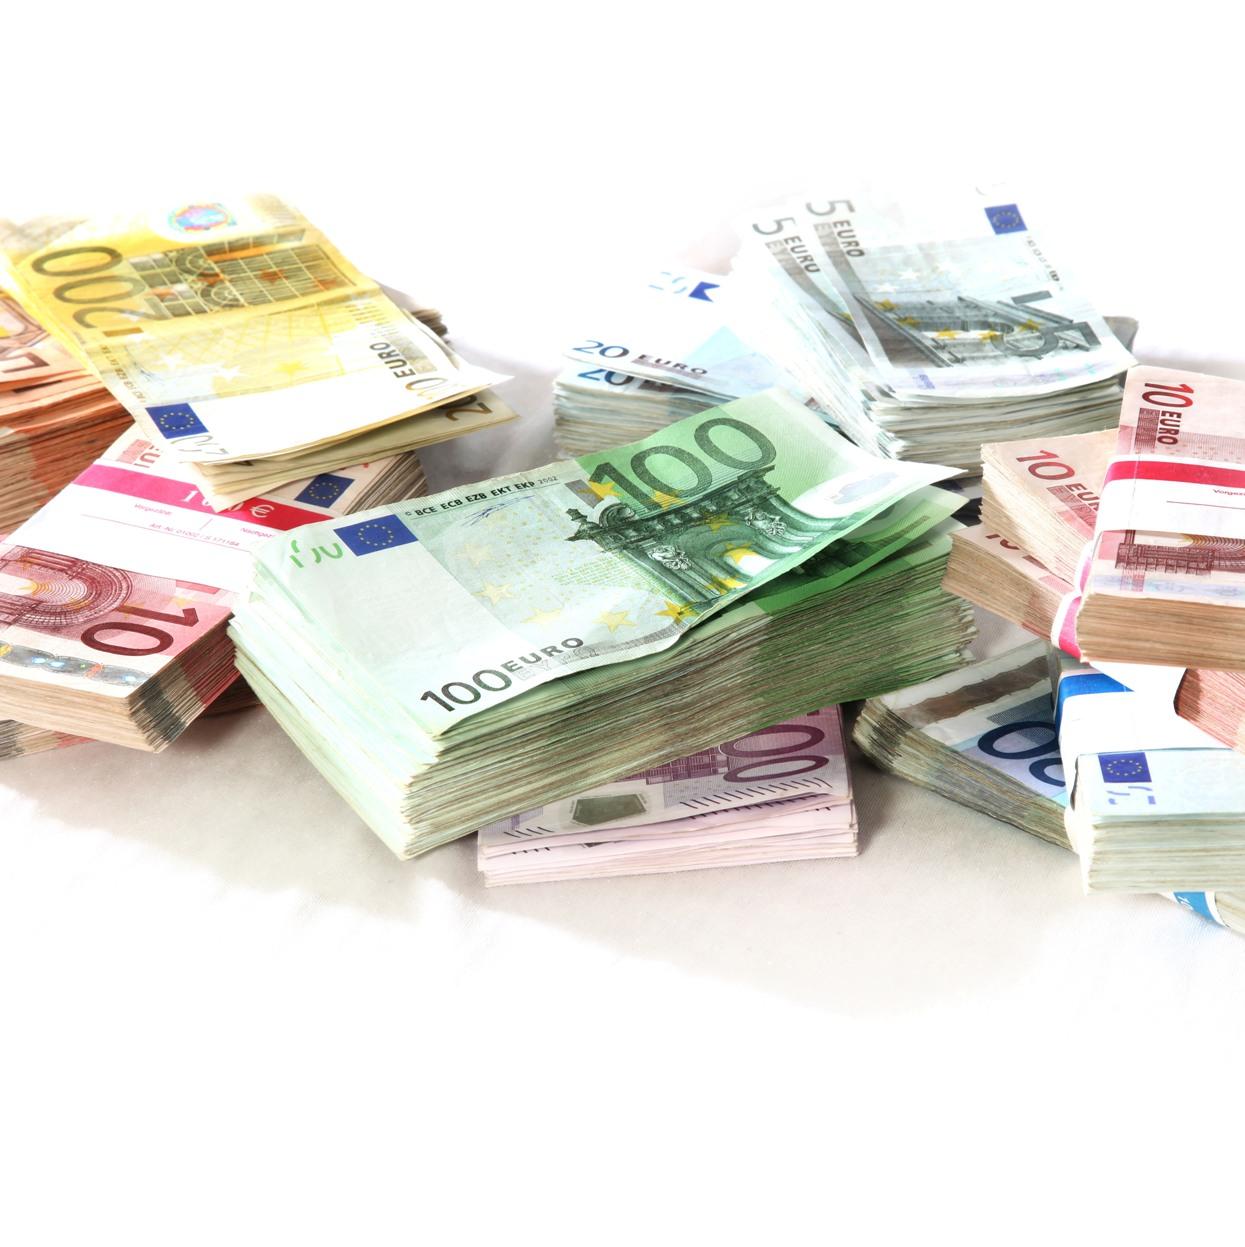 Chcesz skorzystać z funduszy europejskich? Zapoznaj się z nowym harmonogramem konkursów na 2018 rok